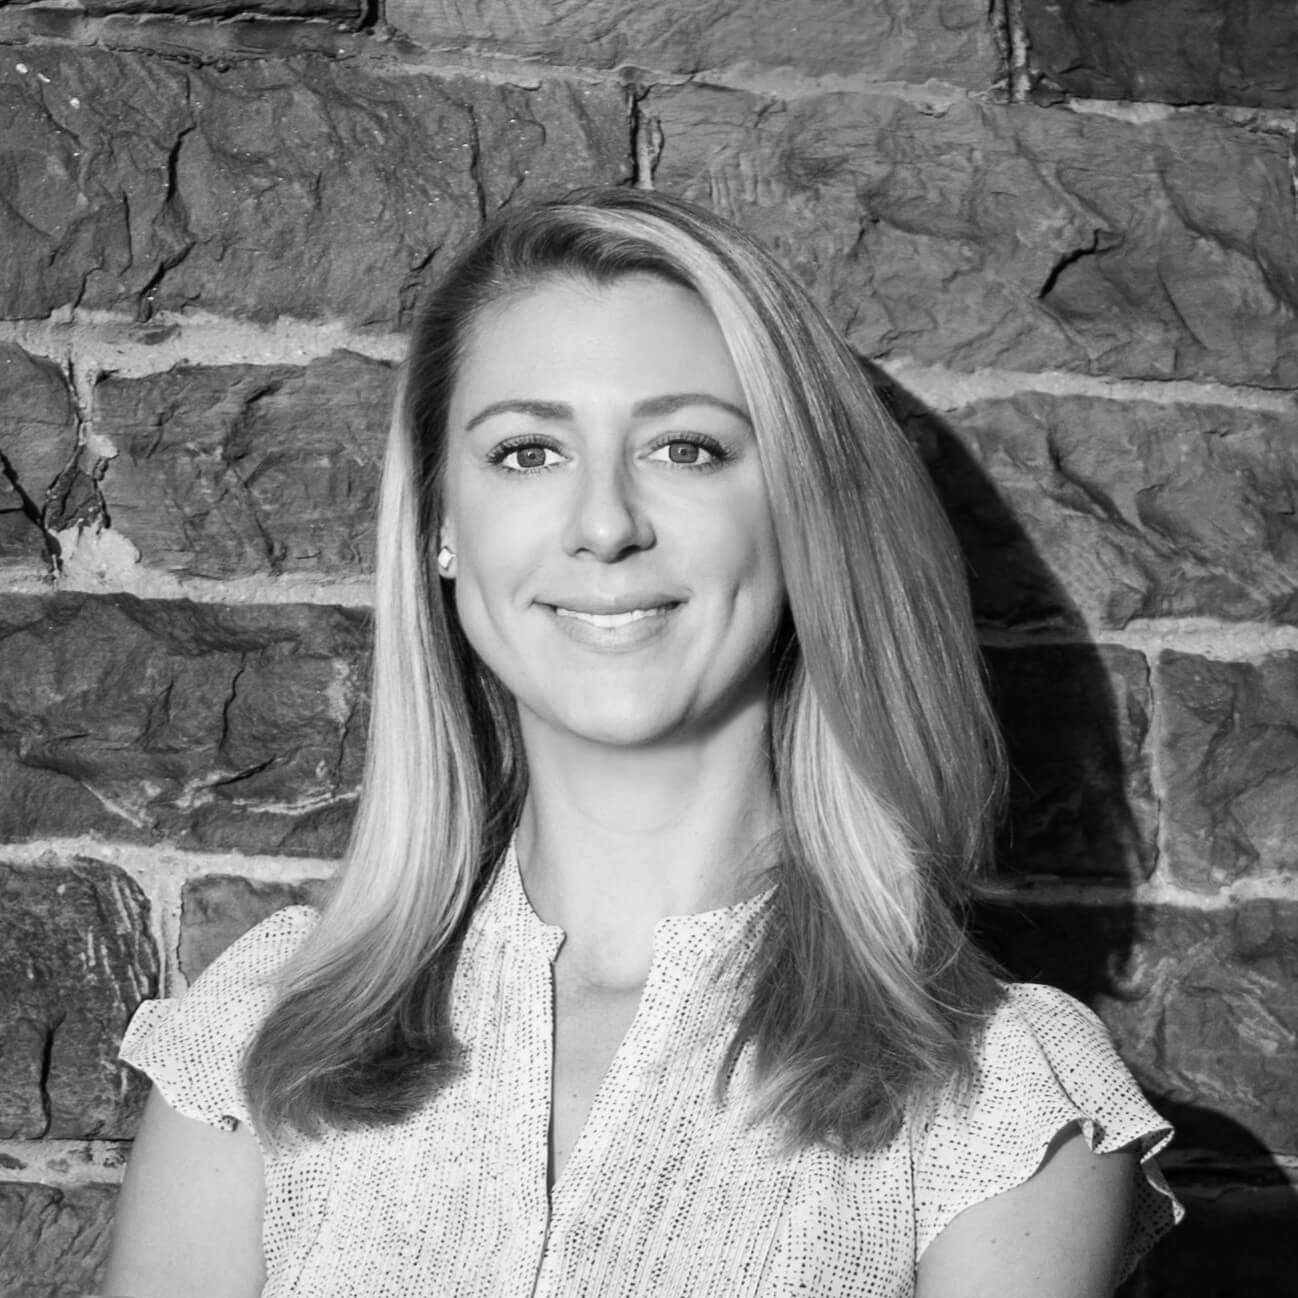 Portraitfoto von Melanie Schoen, Speakerin bei der hallo.digital 2018